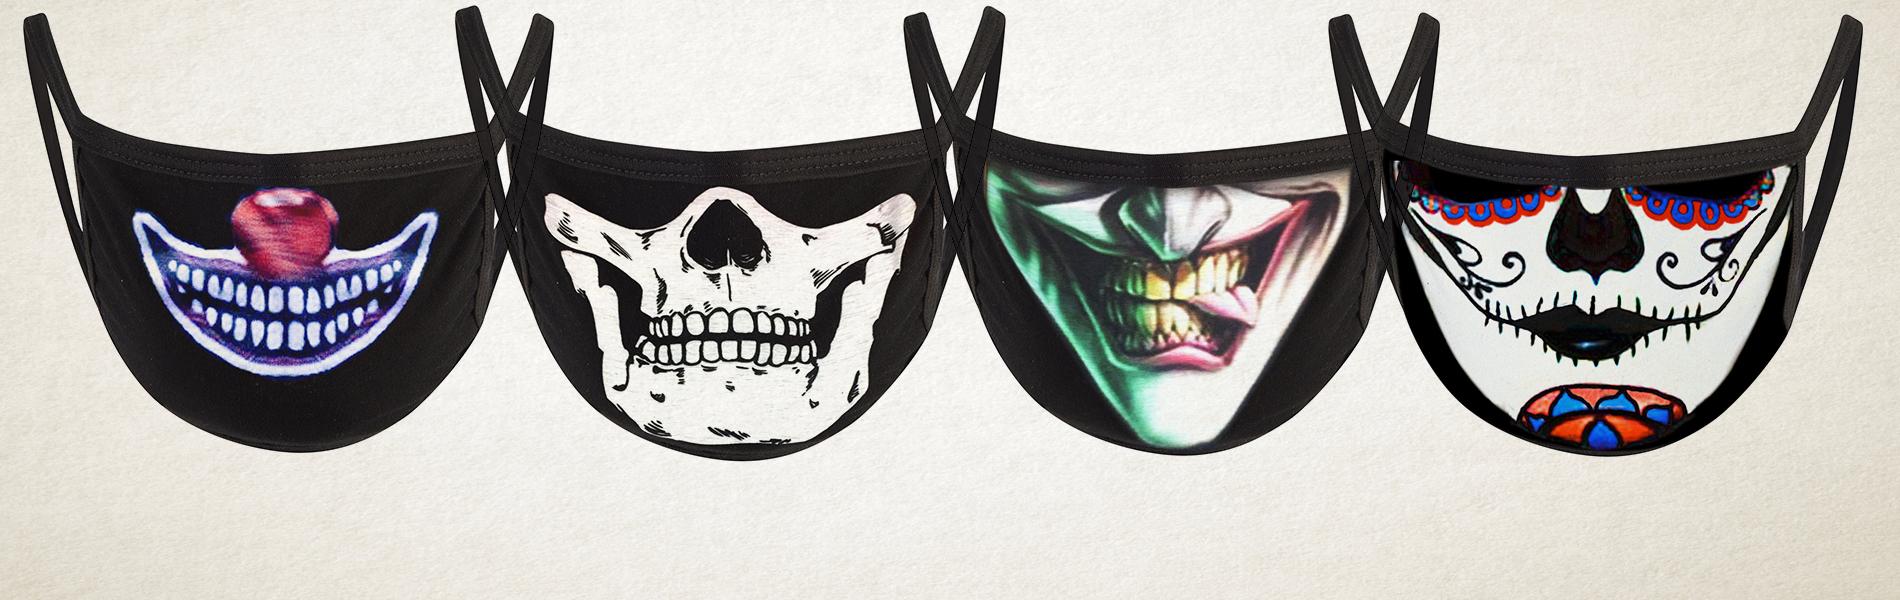 Mund-Nase-Masken